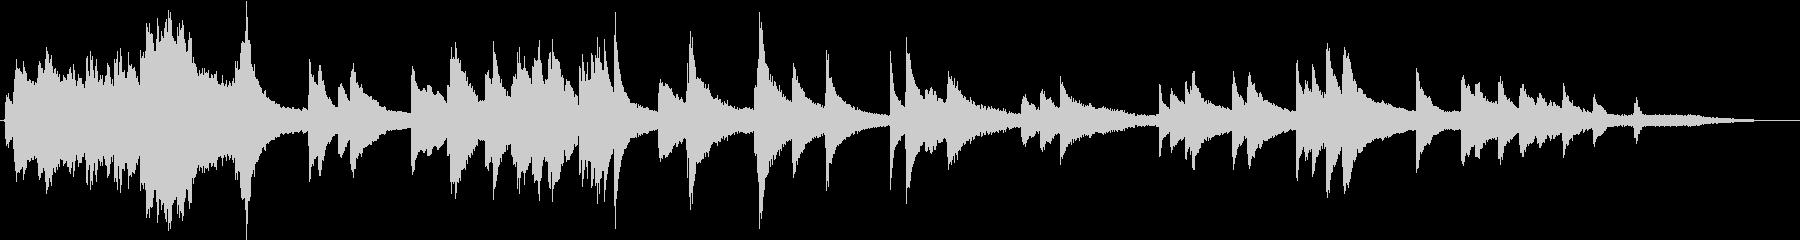 ピアノ クラスクルー の未再生の波形